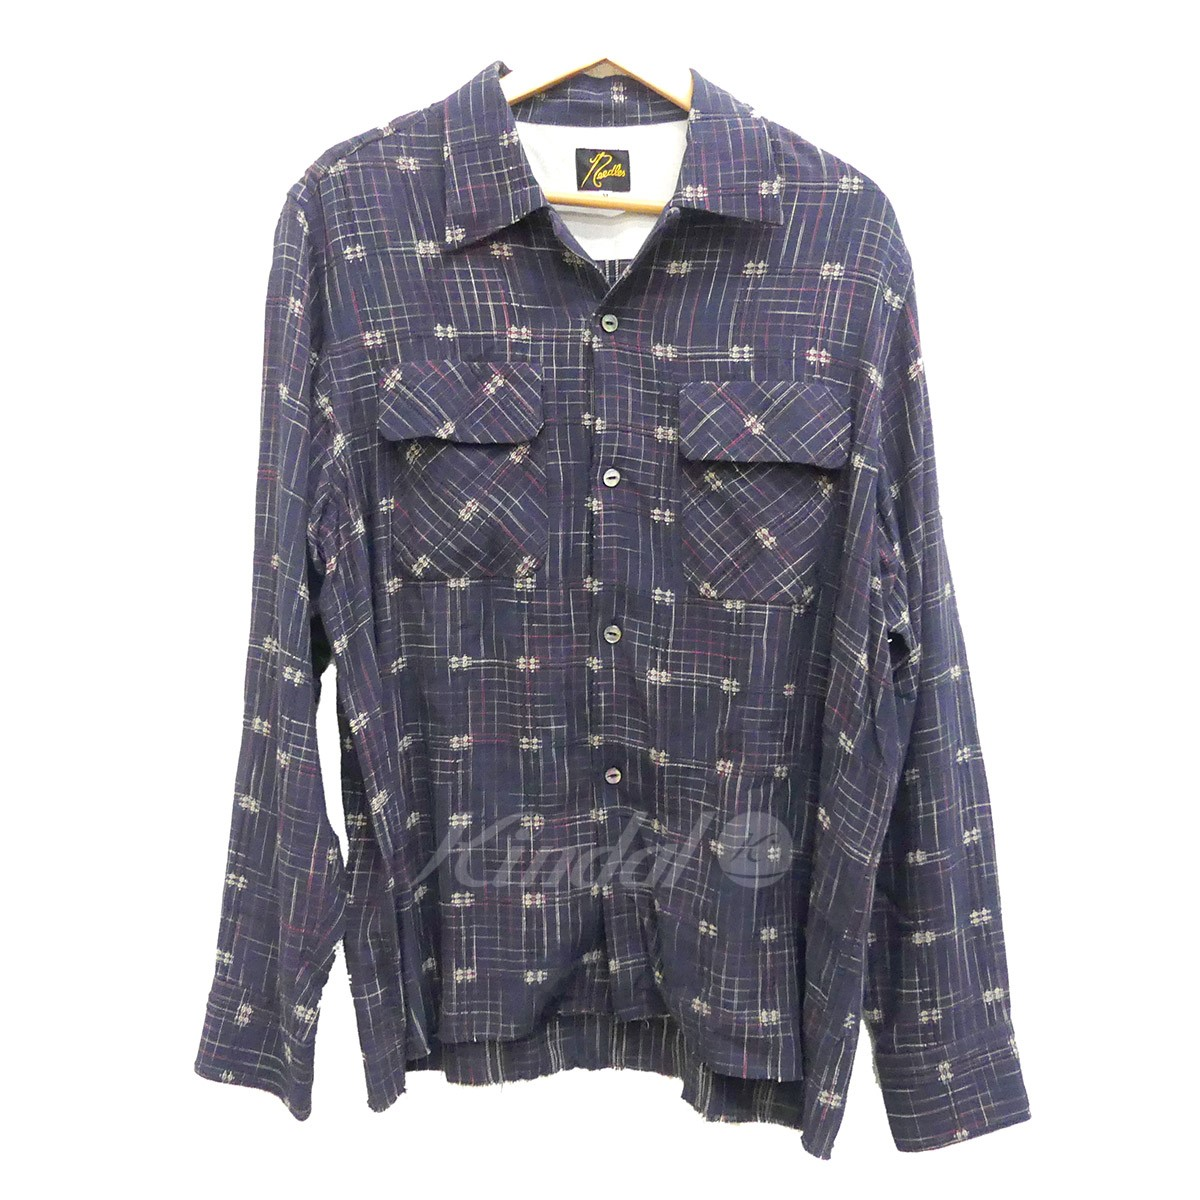 【中古】Needles オープンカラーシャツ Classic Shirt Rayon Dobby Plaid 2018SS ネイビー サイズ:M 【120519】(ニードルス)